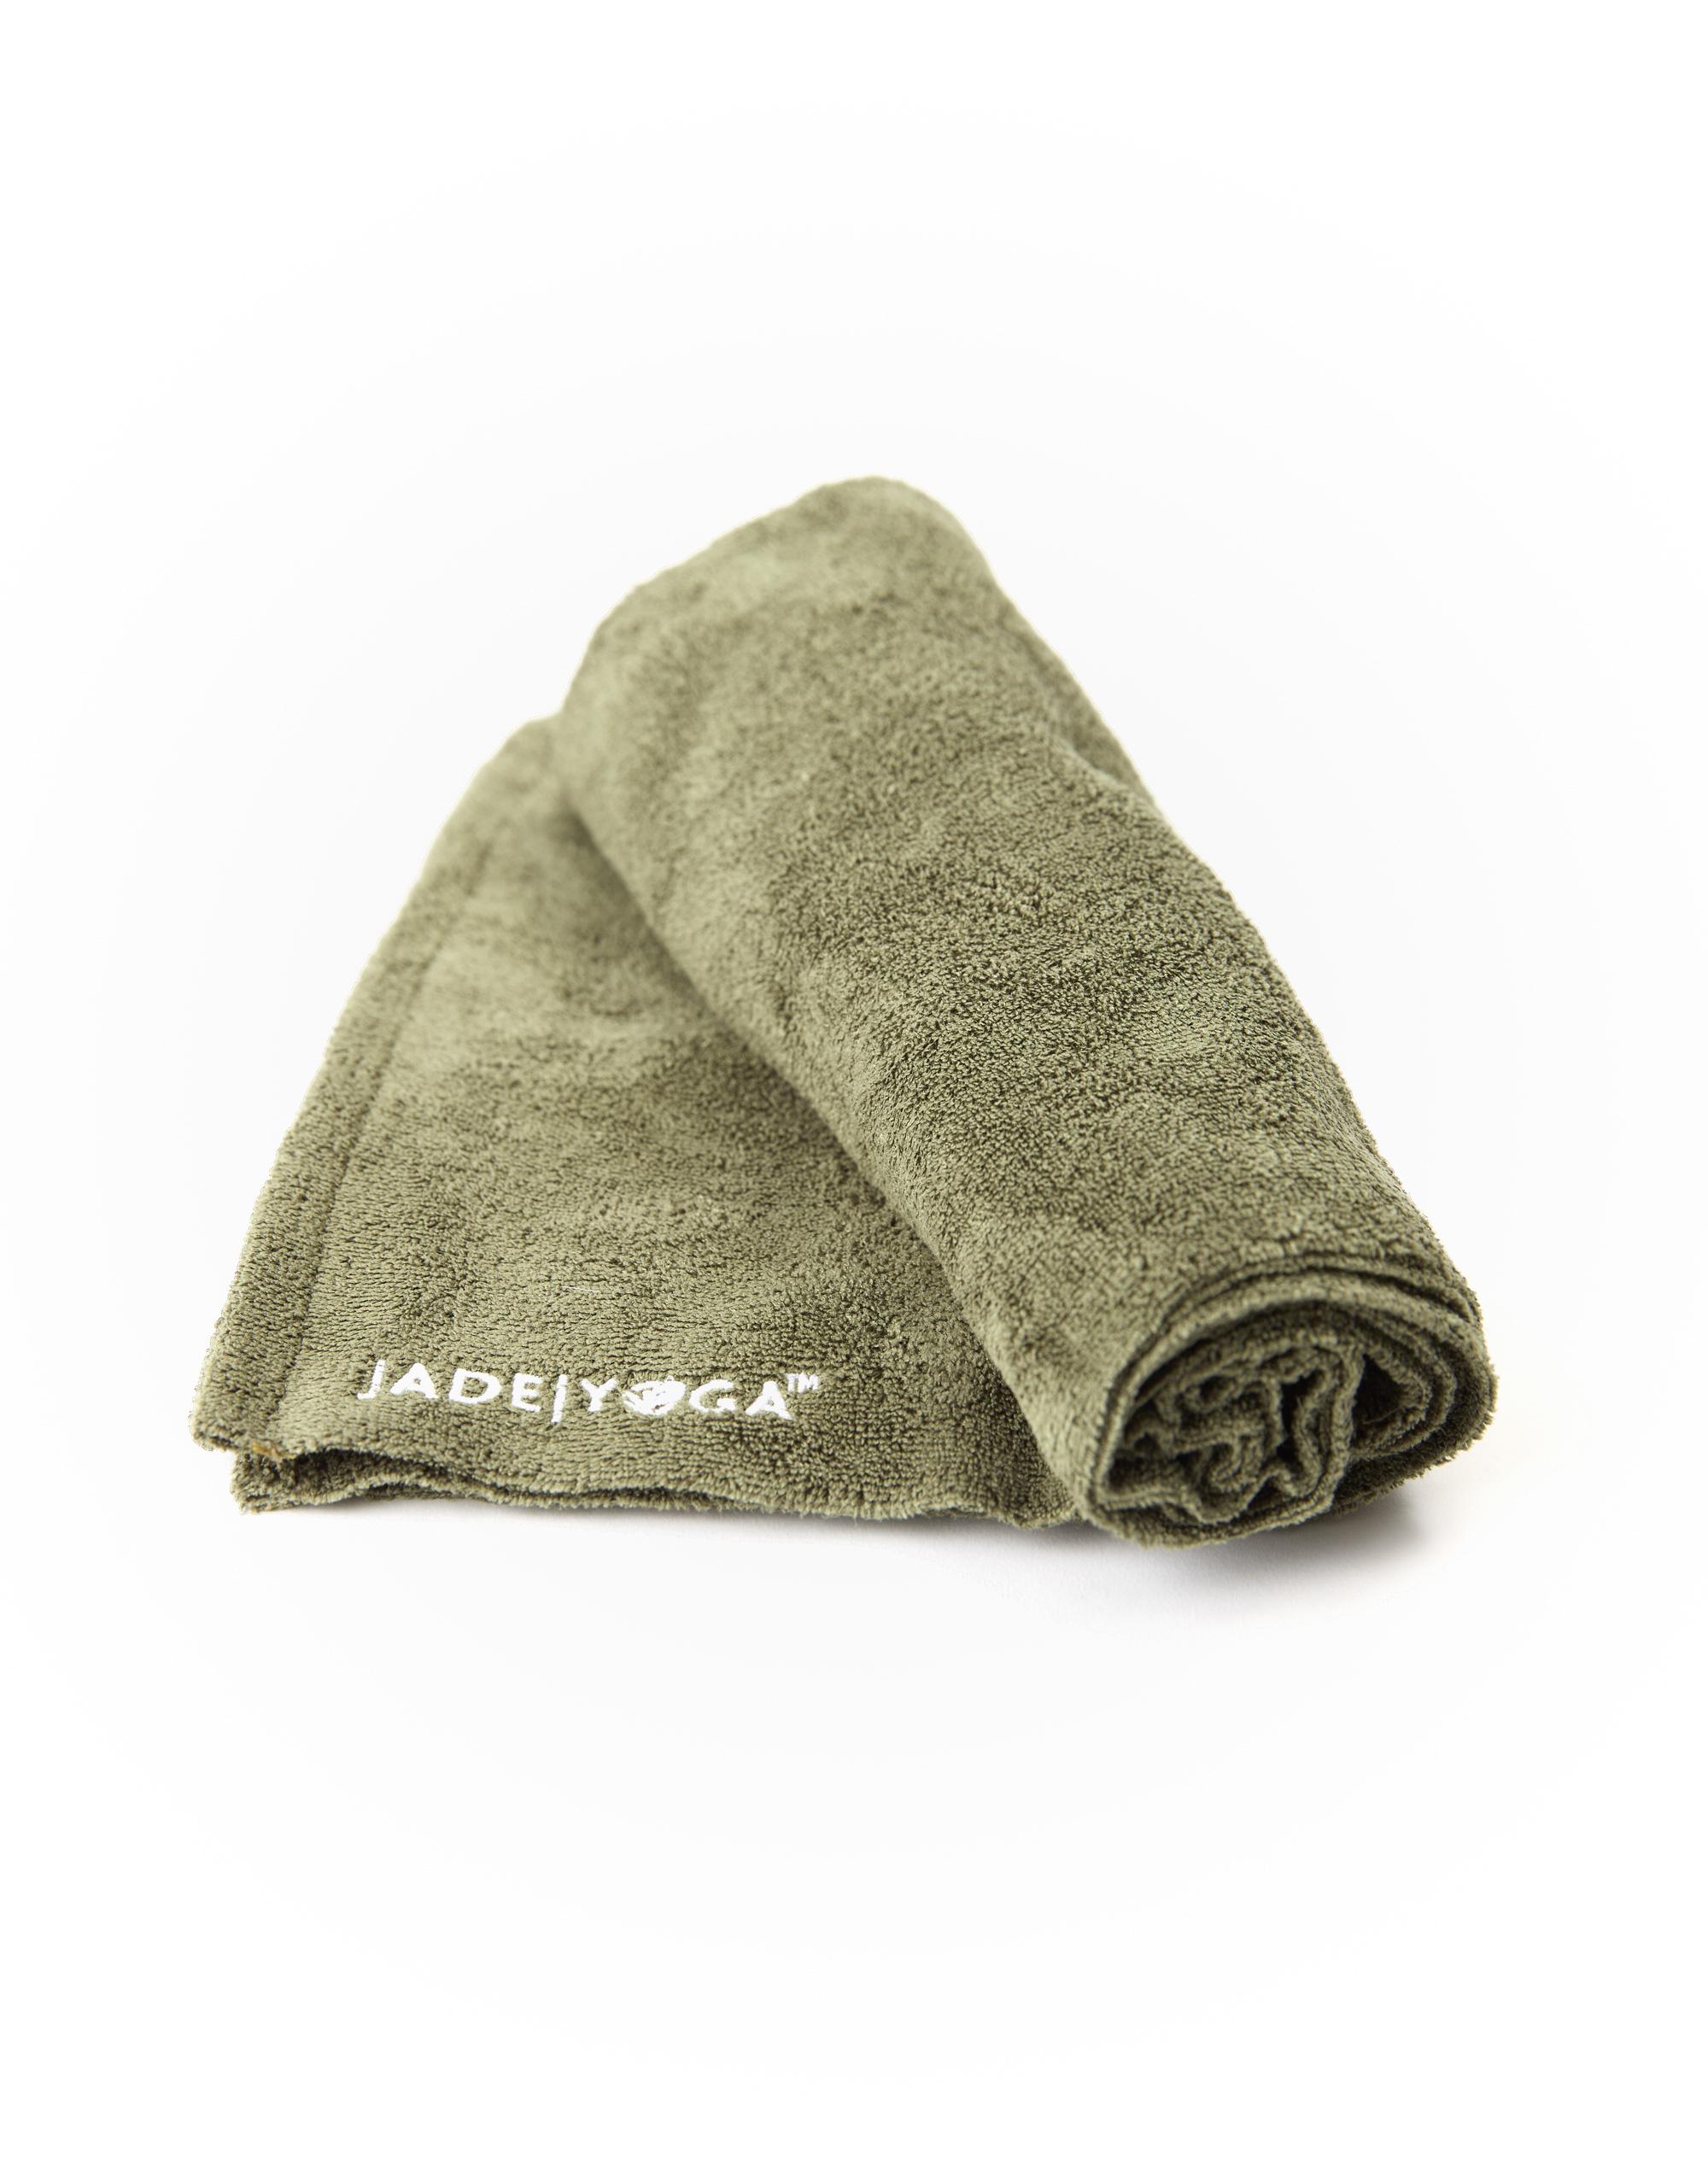 Microfiber Yoga Towels Jadeyoga Canada